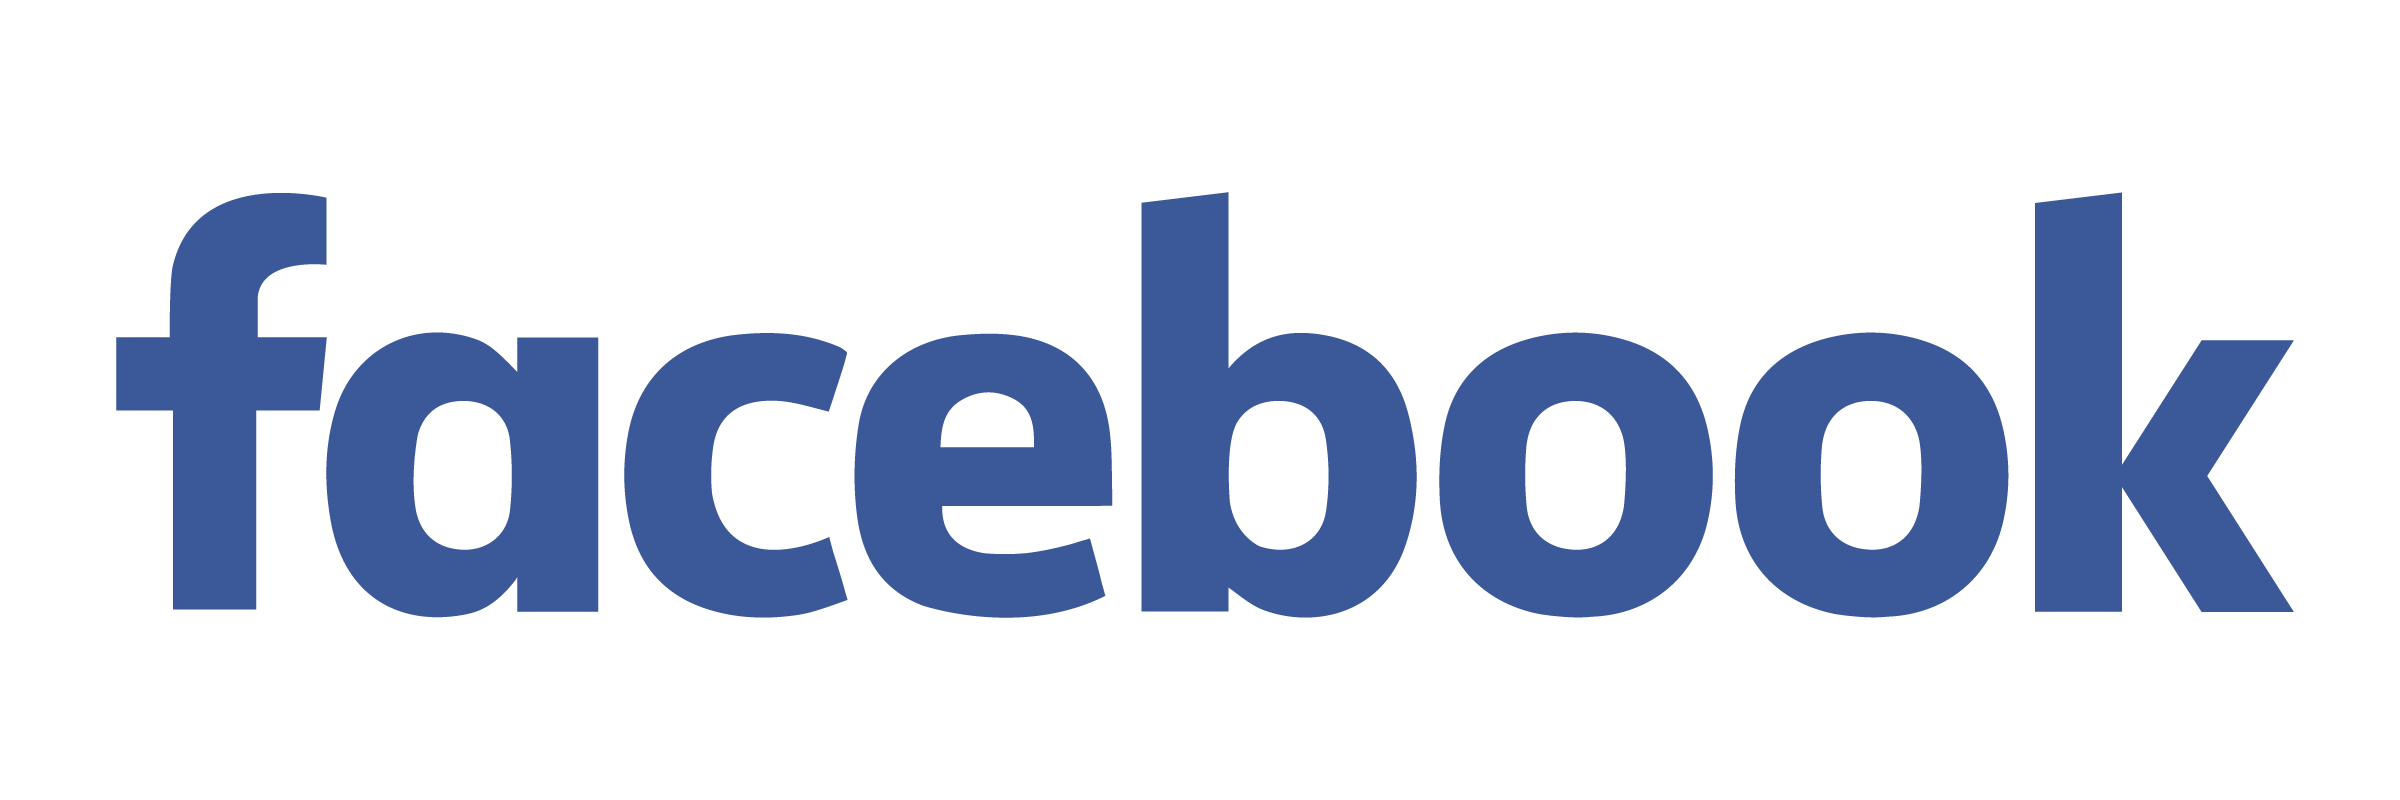 facebook-logo-full-transparent